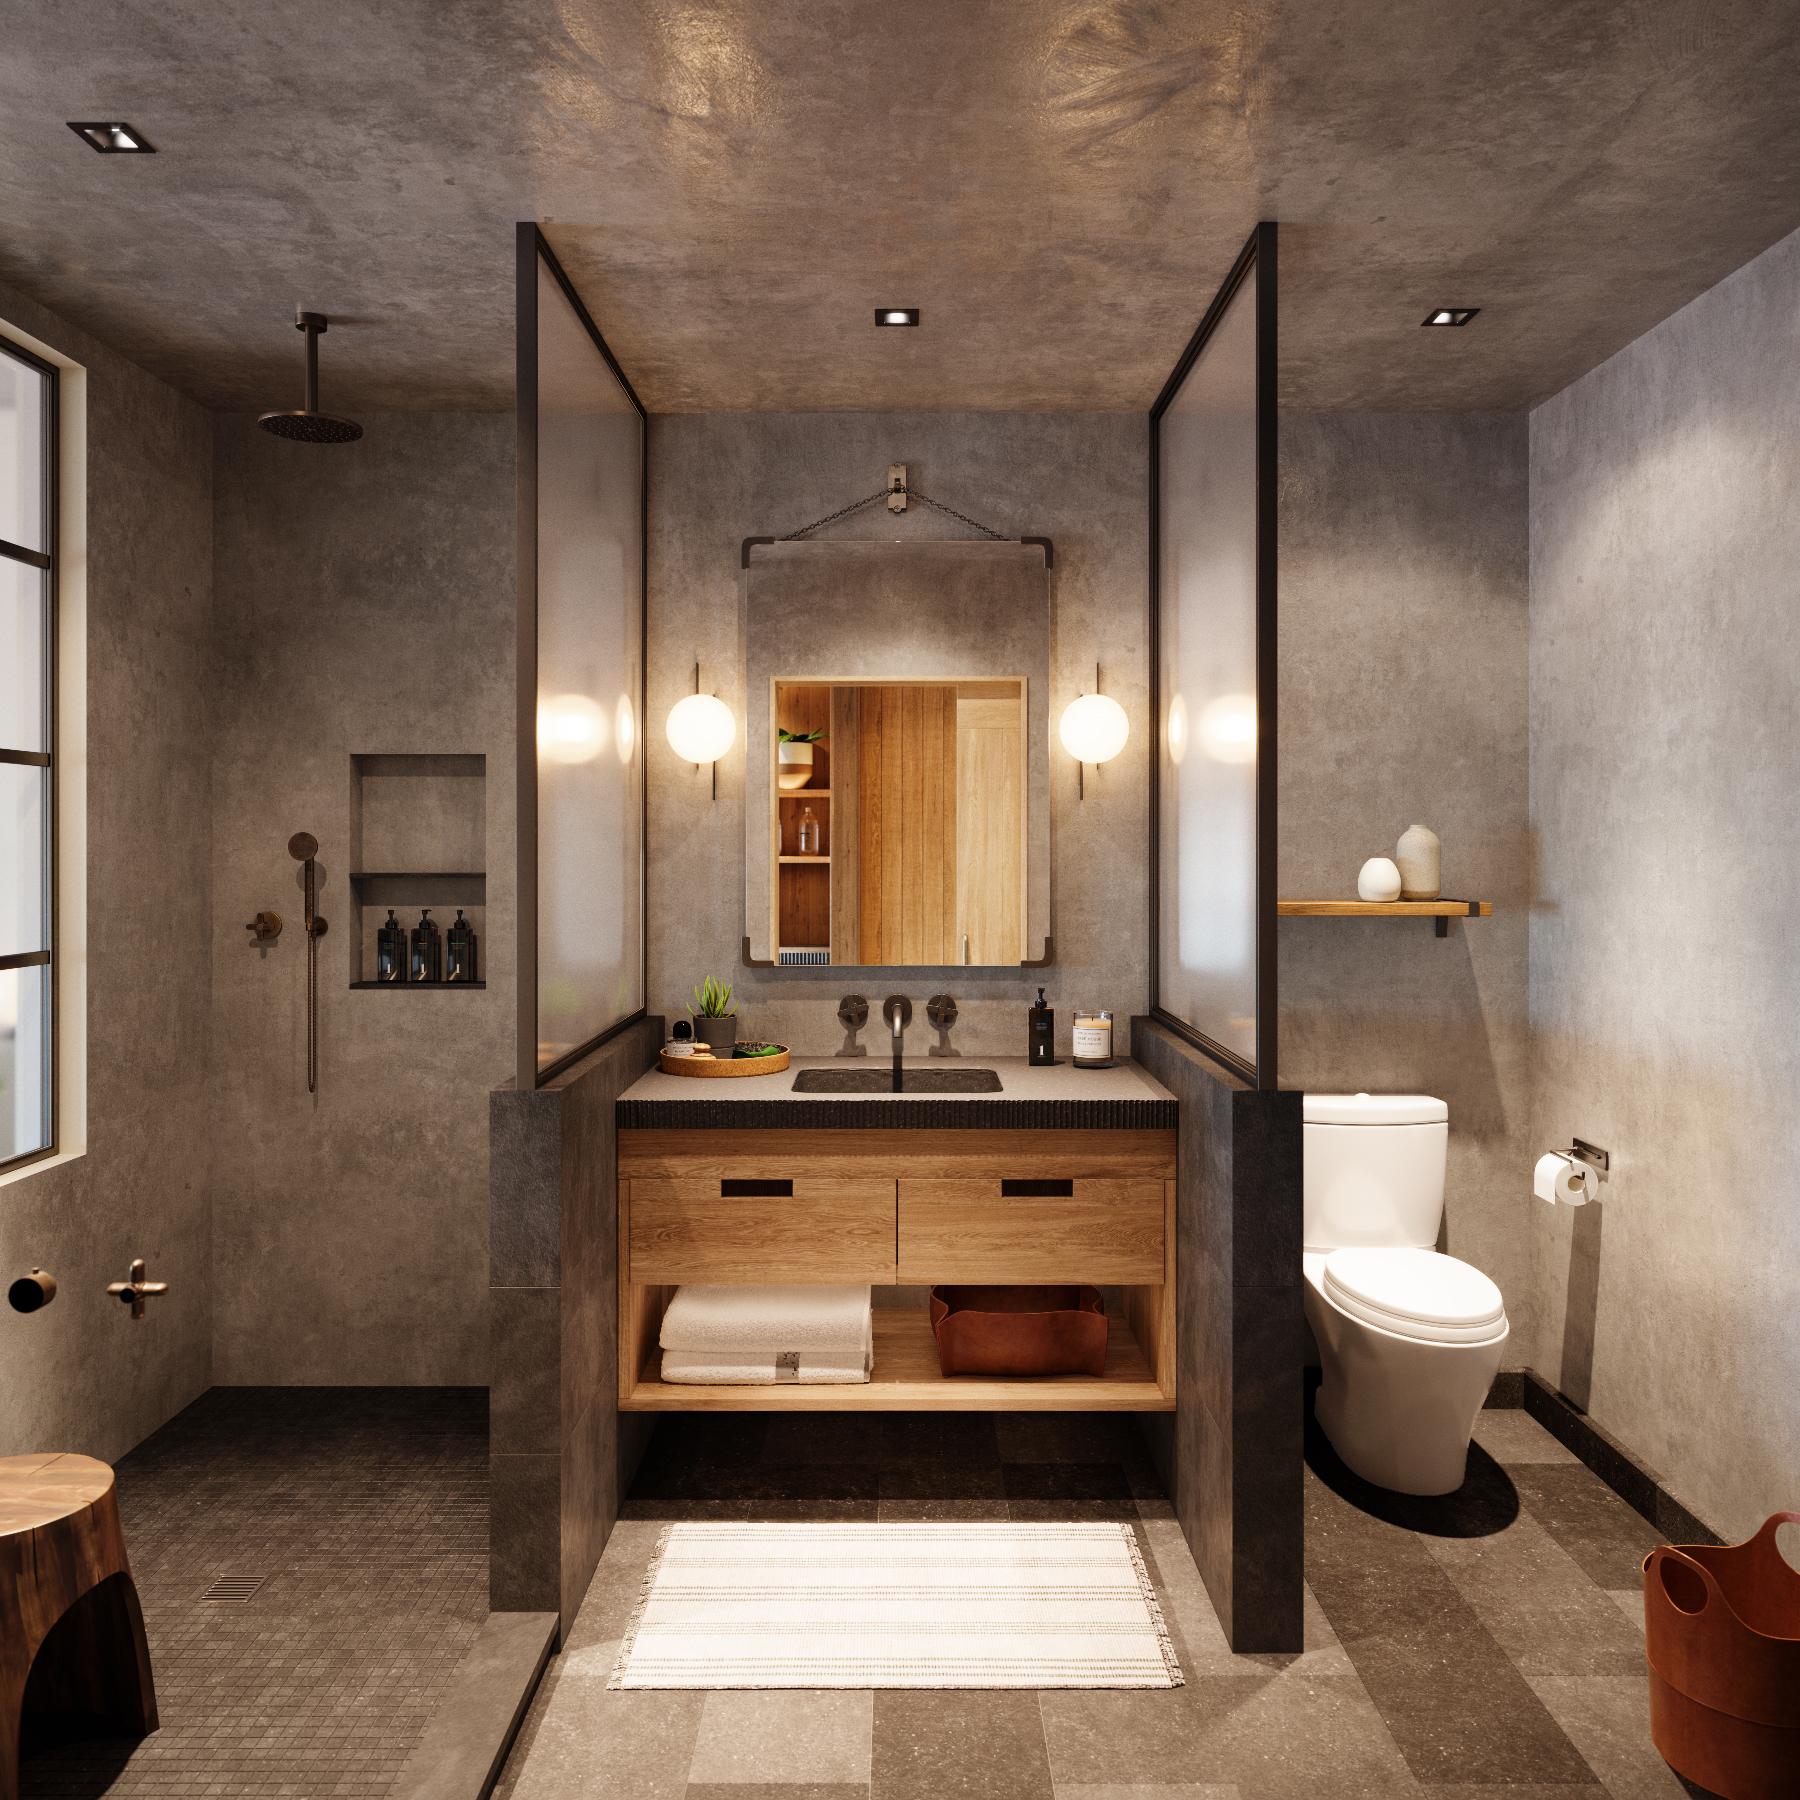 Sunnyvale King Room_Vanity_R02_CR01.jpg